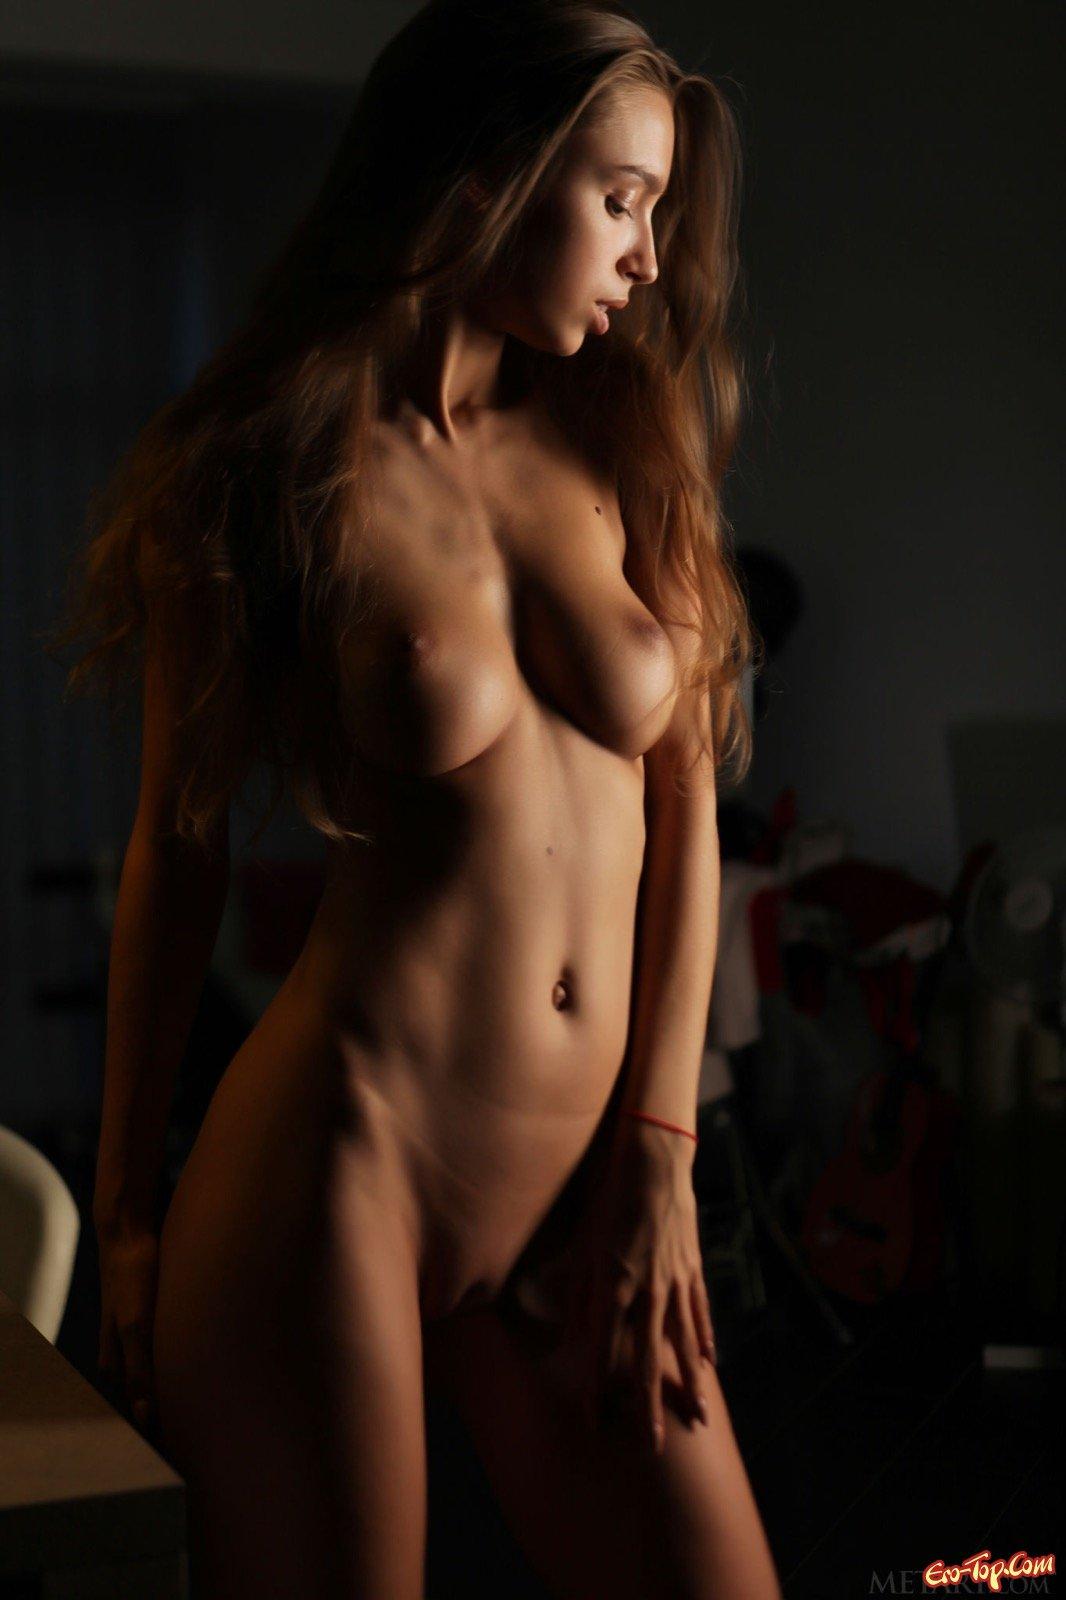 Загорелая стройняшка с натуральной грудью